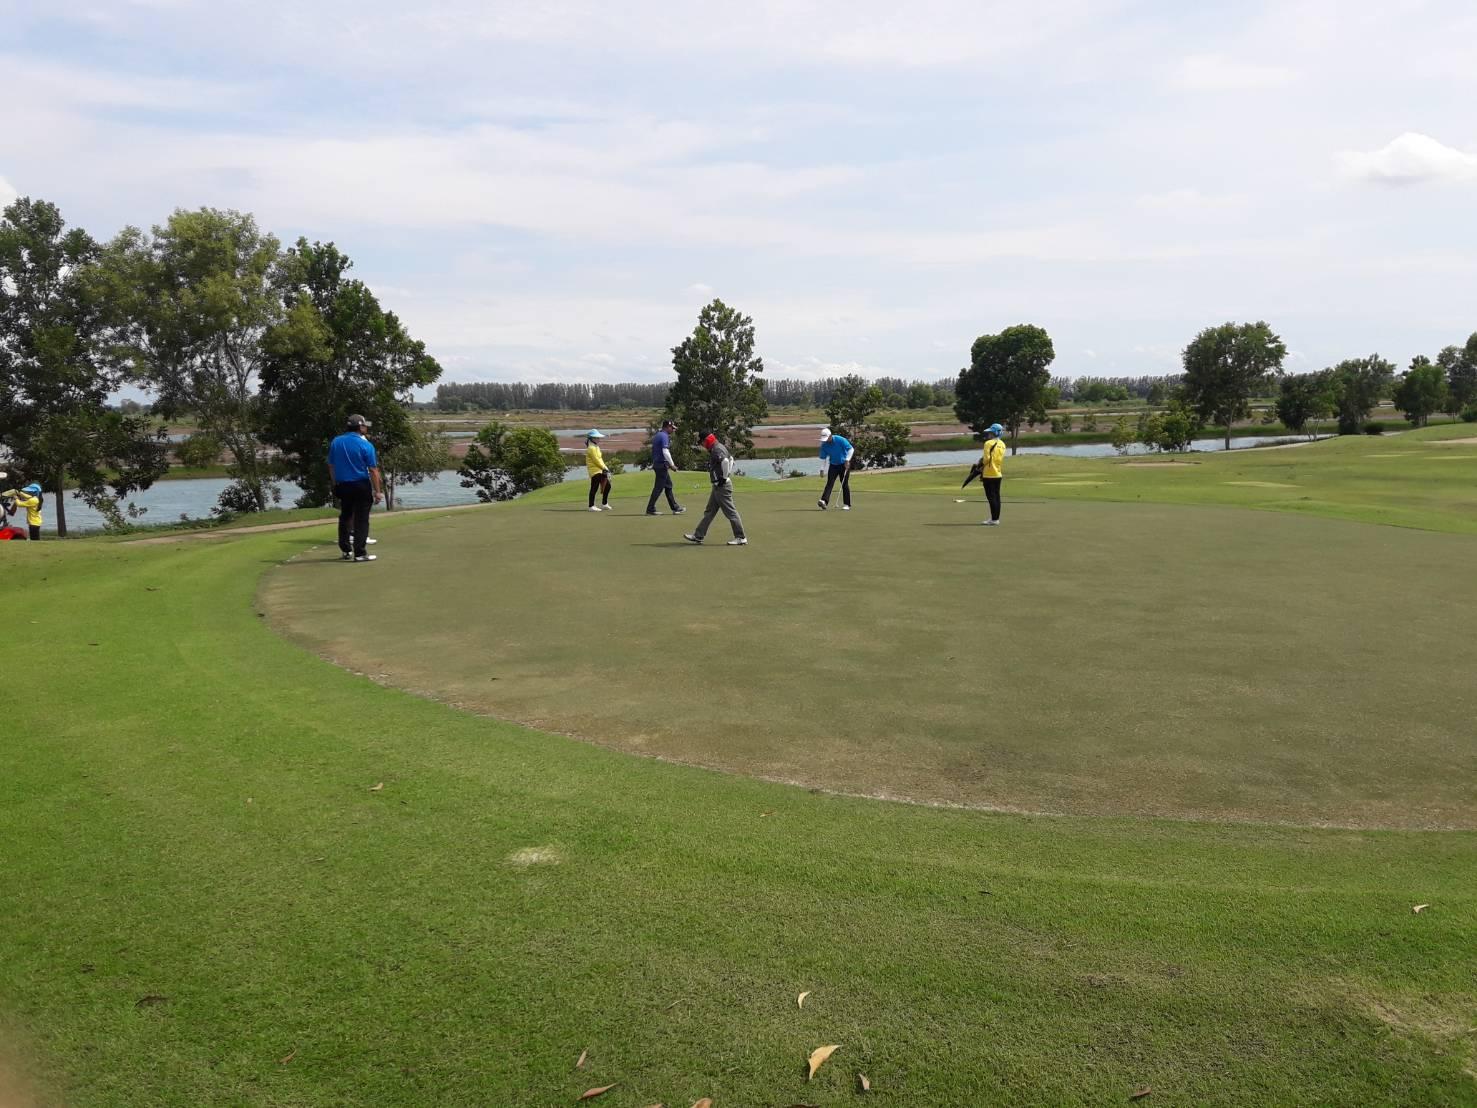 Thailand 331 Golf Club